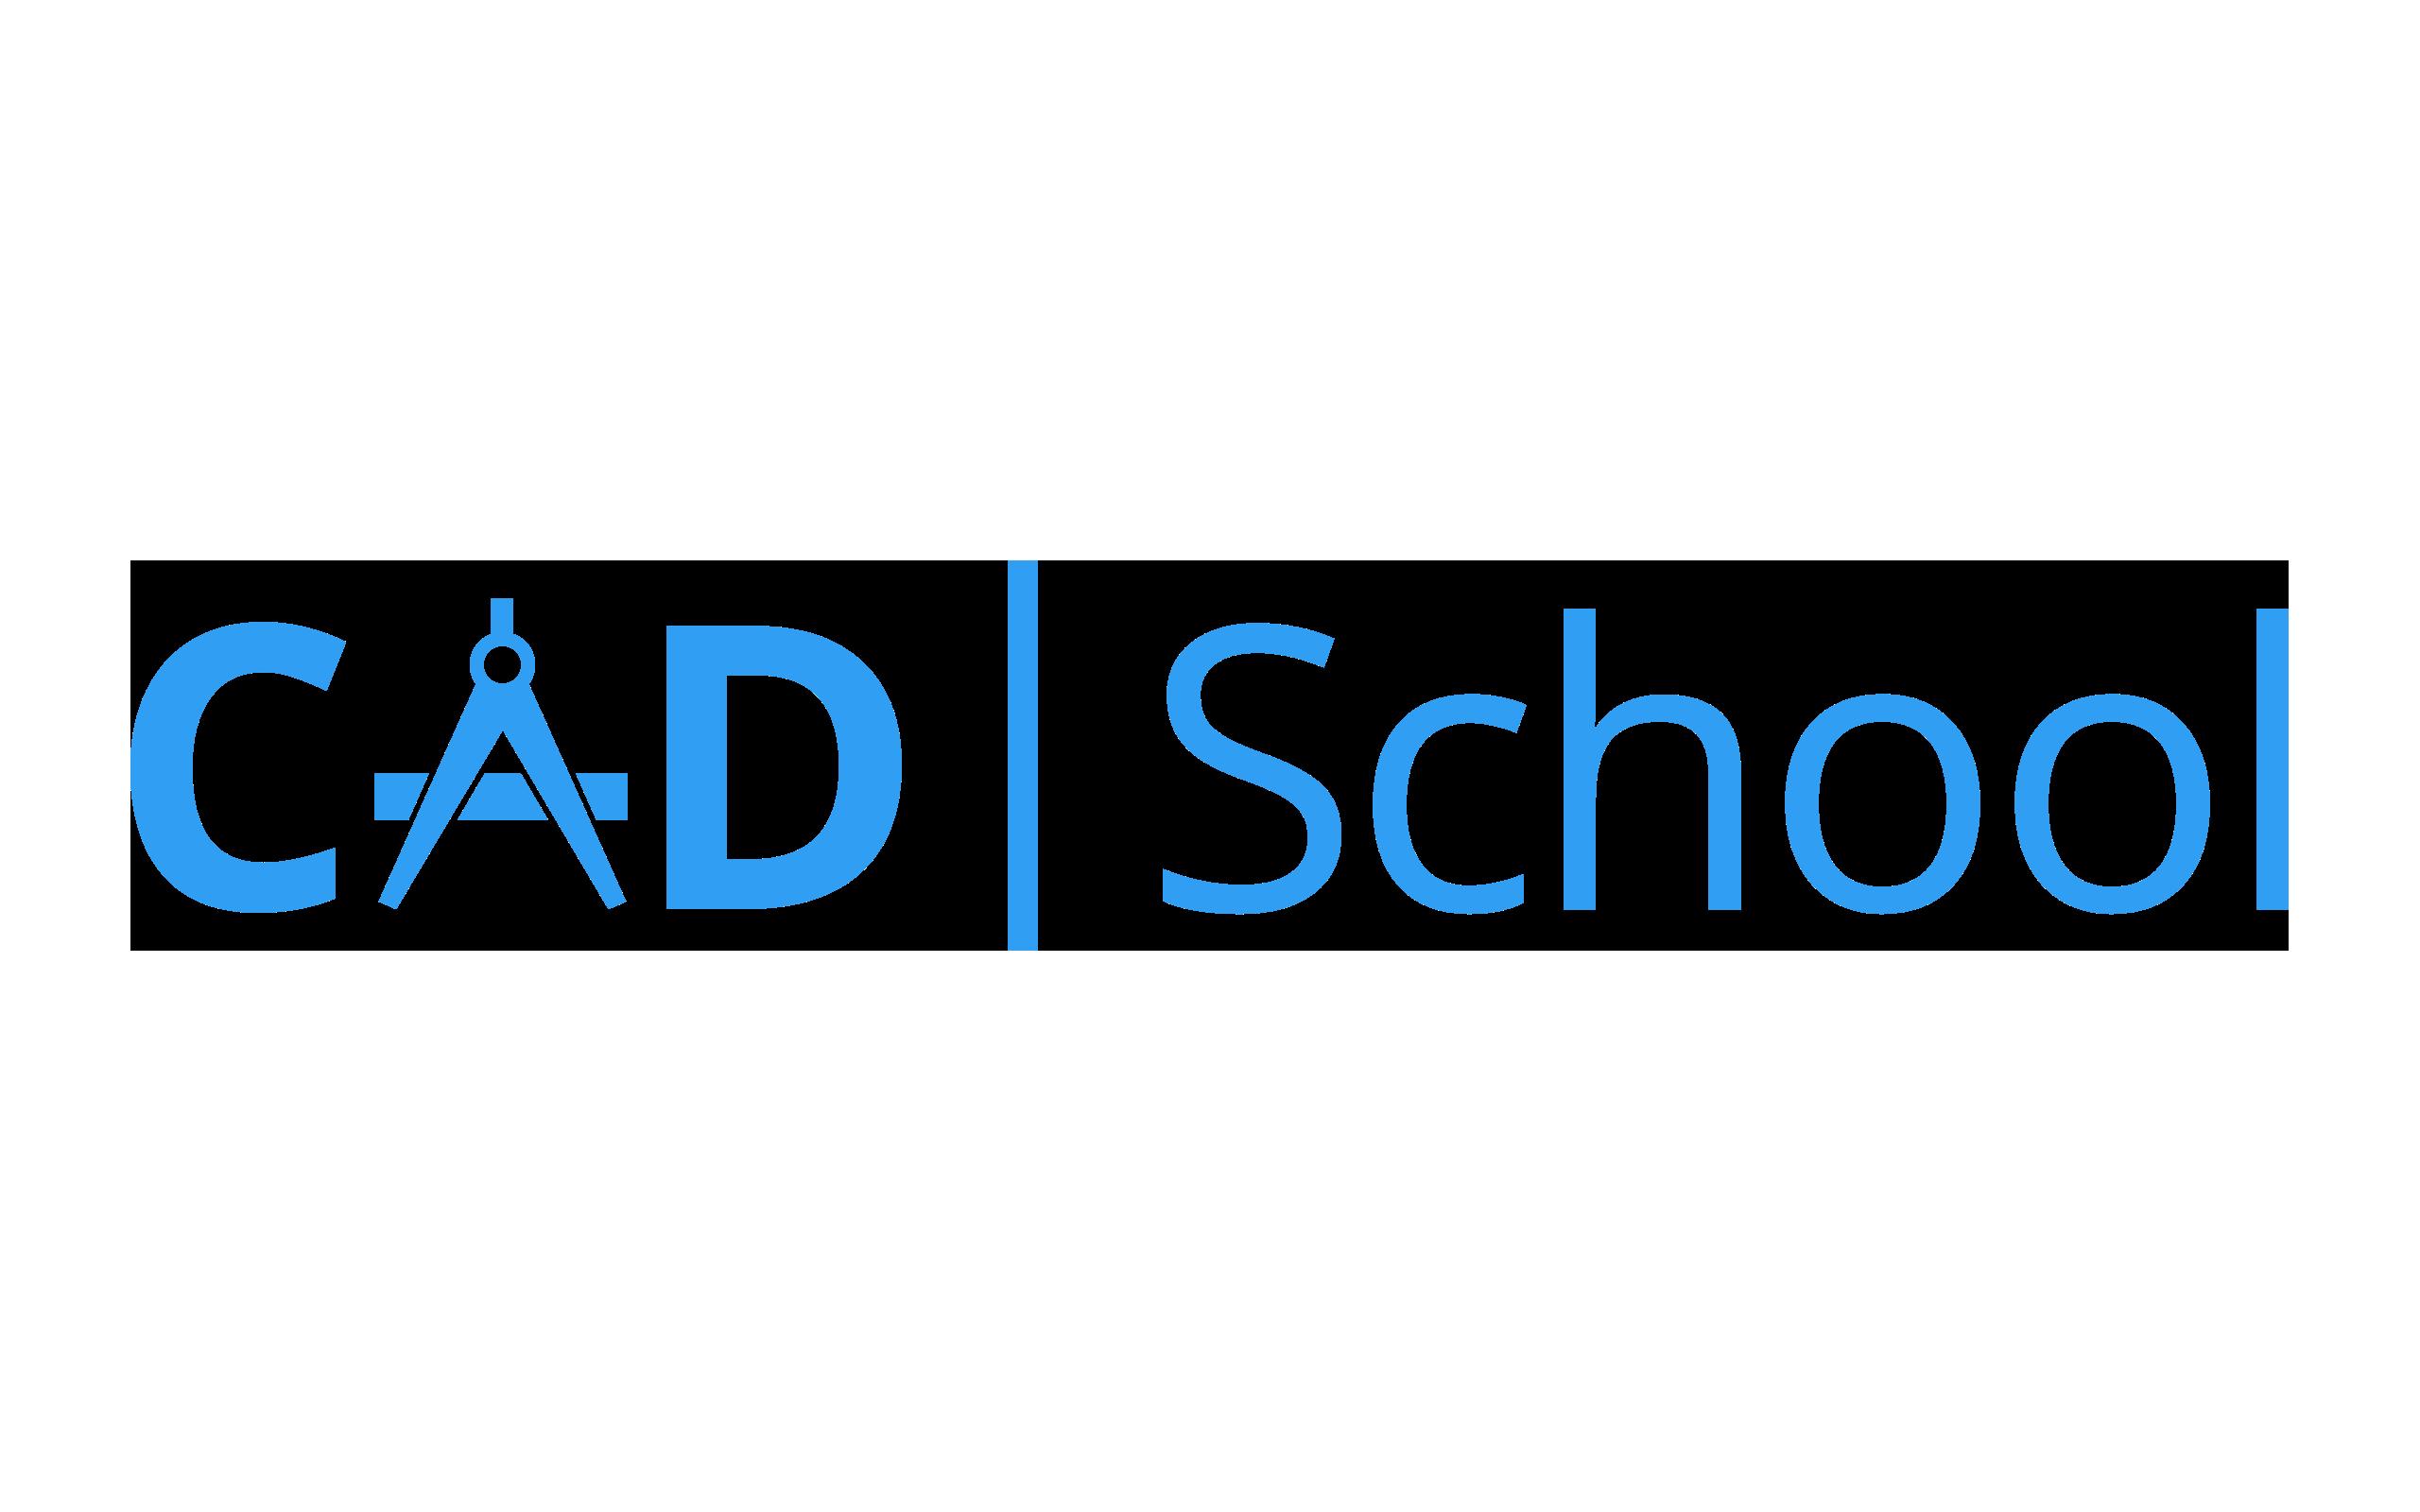 CAD School